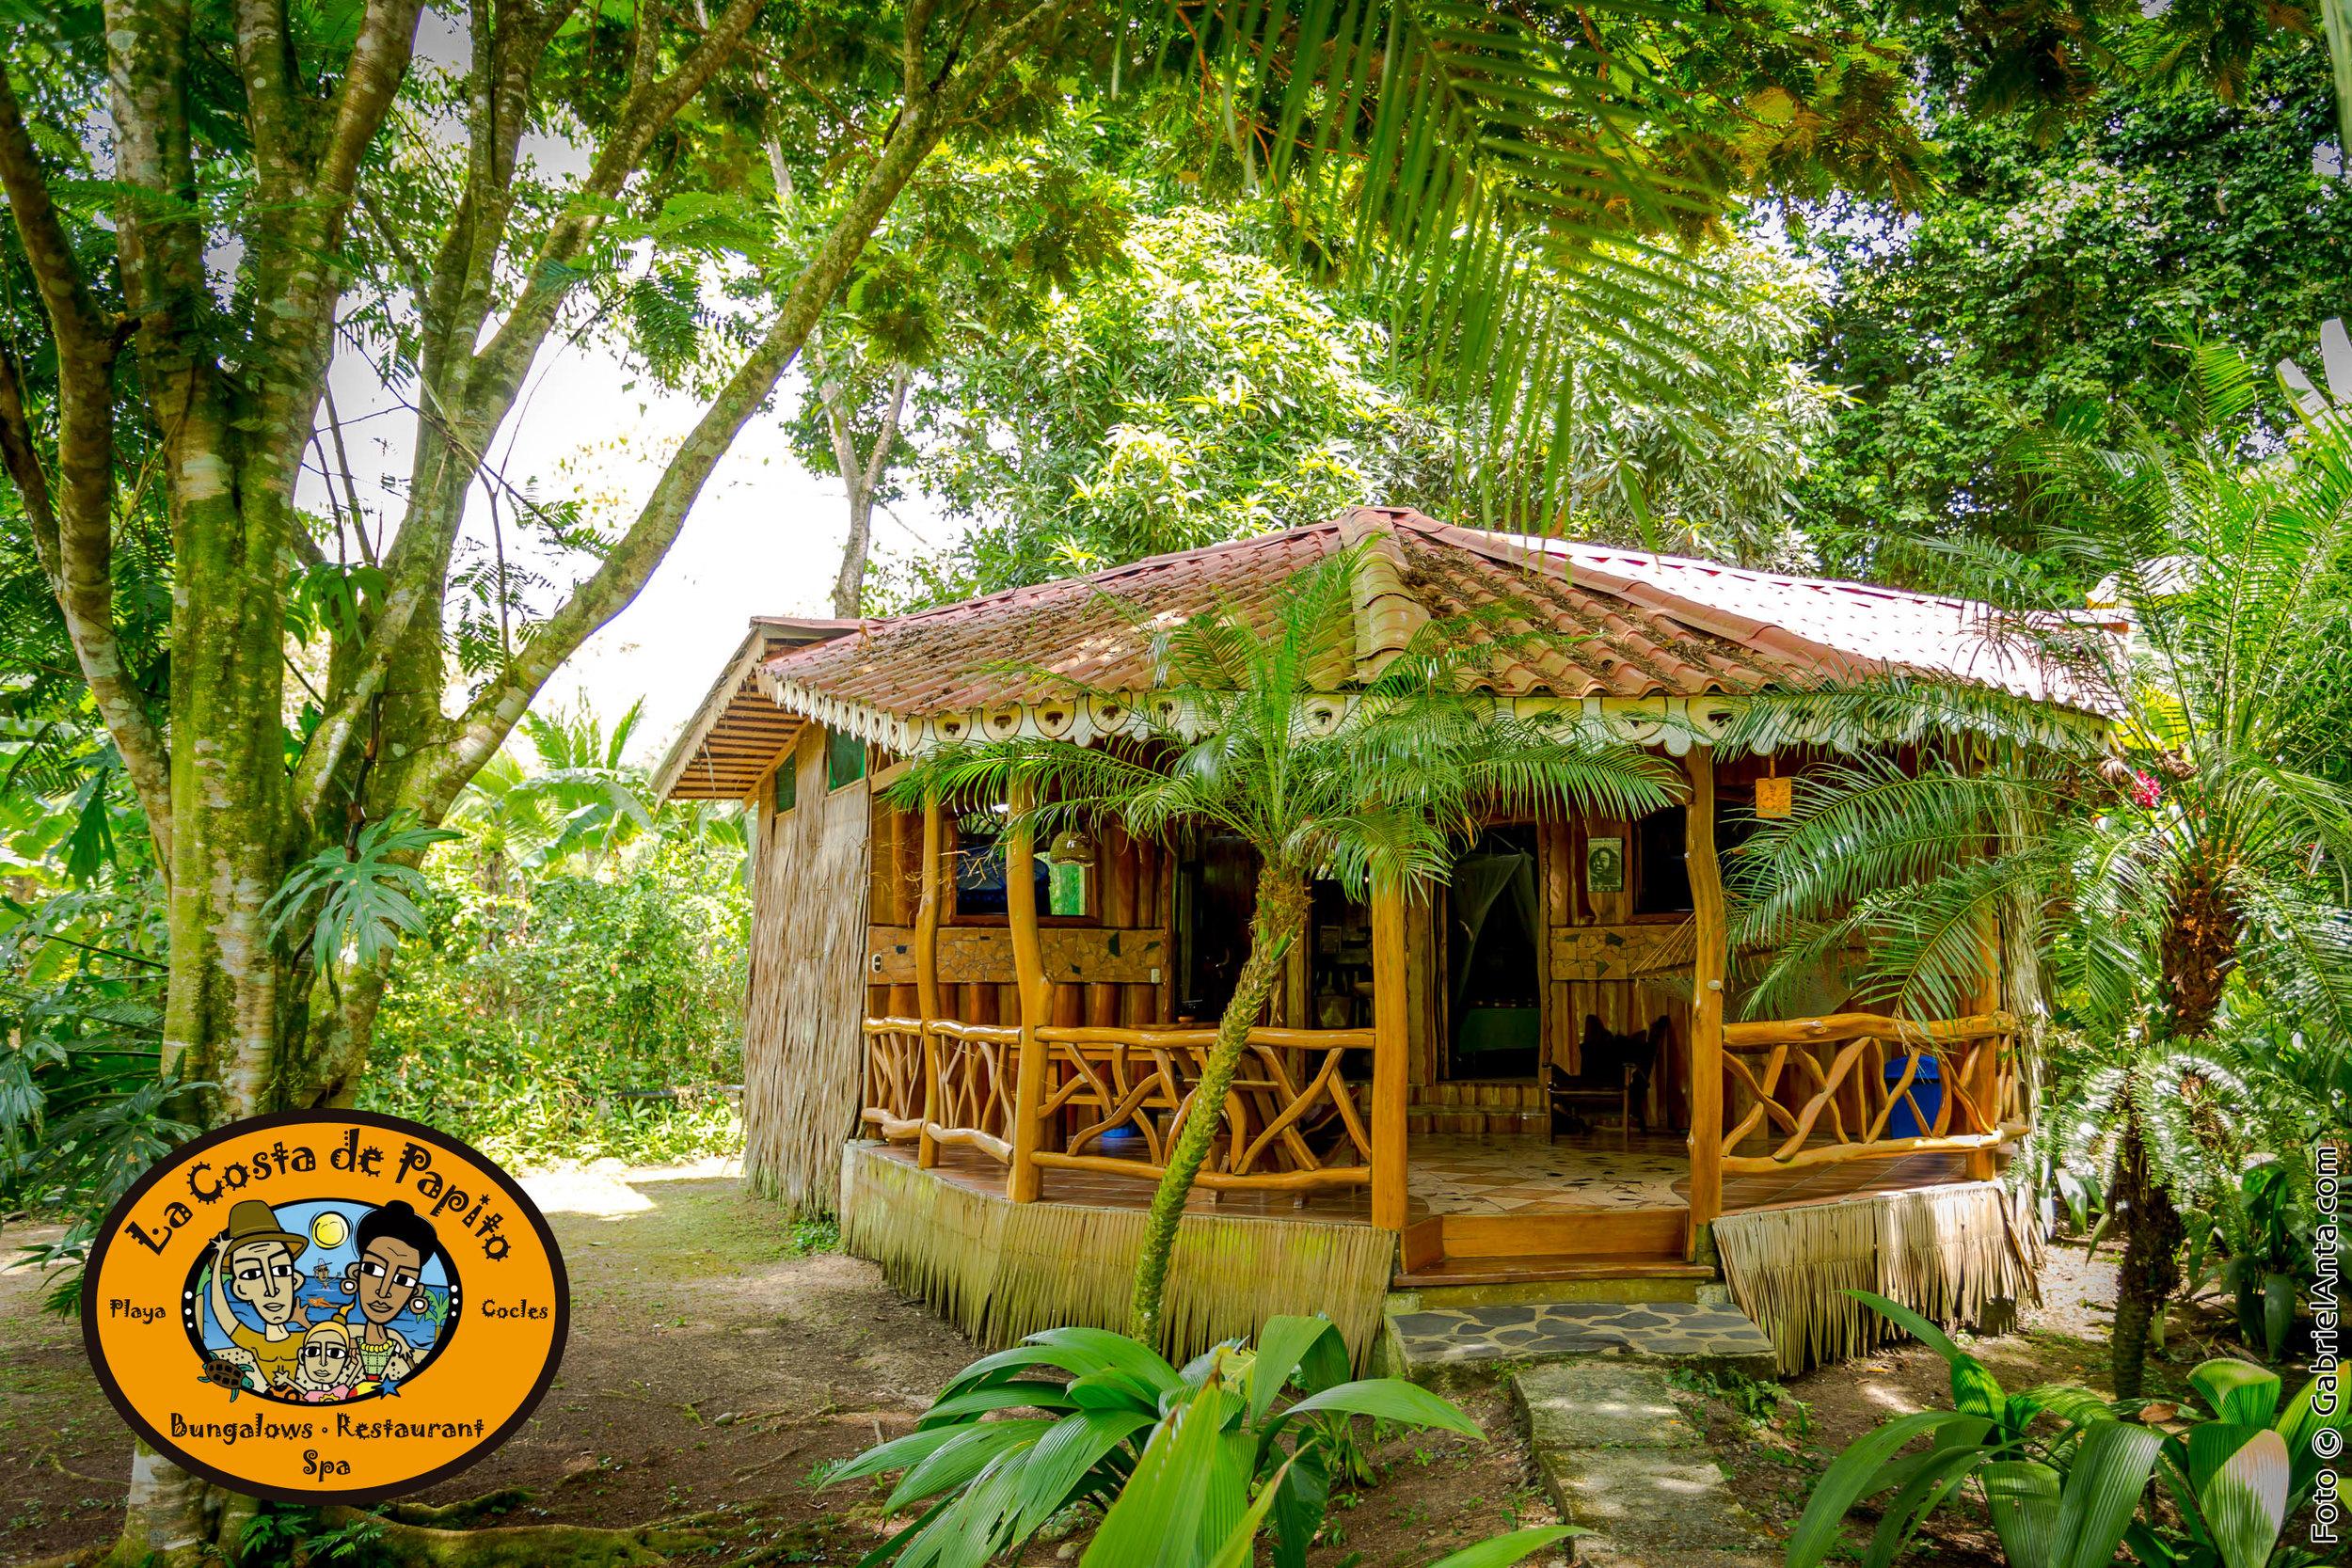 costa-de-papito-cabin-outside2.jpg